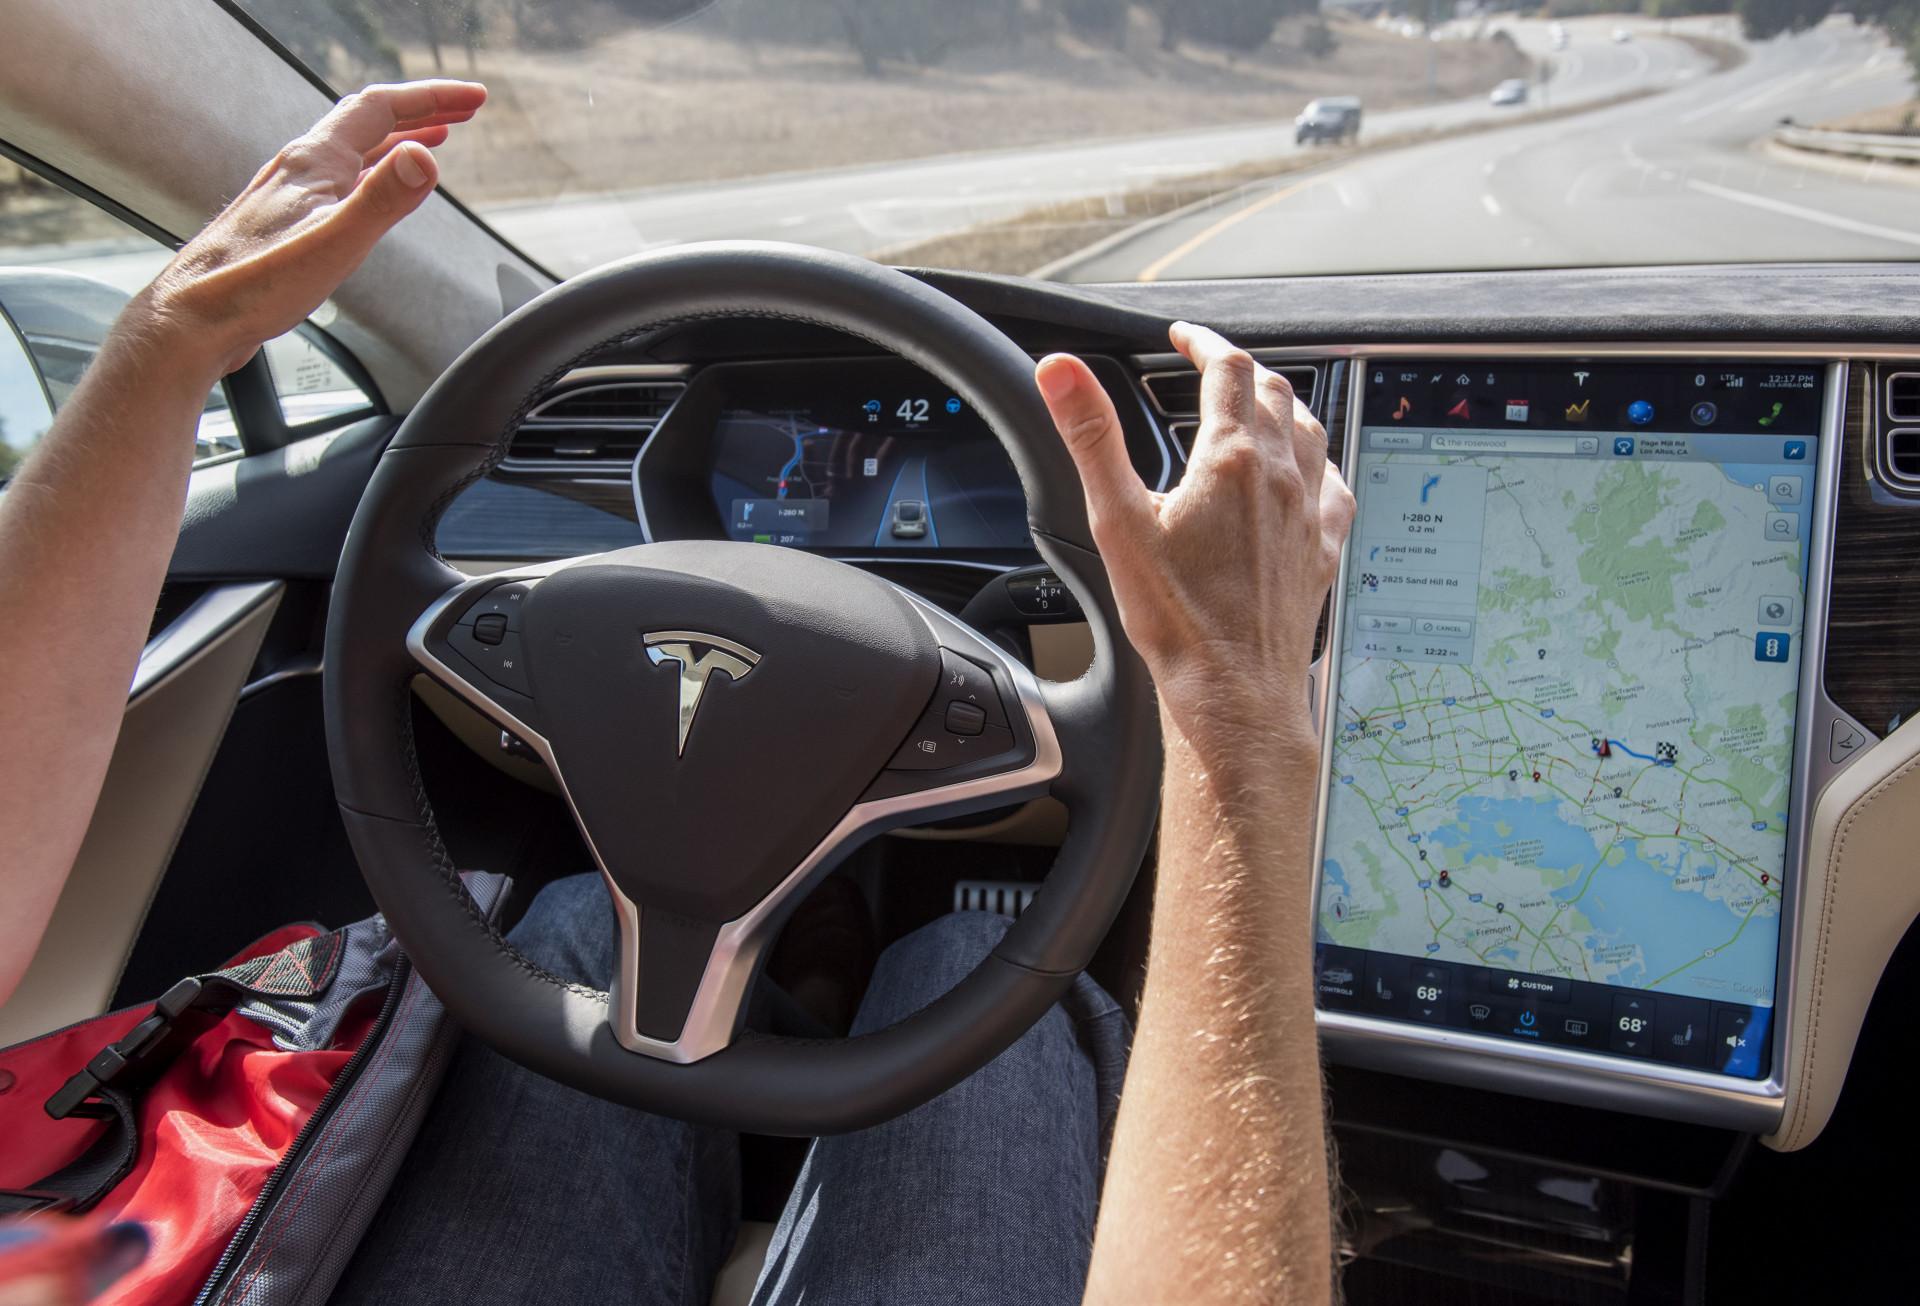 A Tesla oferece opcionalmente o Autopilot, um conjunto de dispositivos de assistência à condução que o tornam semiautônomo, mas que ainda exige a presença do motorista (Foto: Divulgação/David Paul Morris/Bloomberg)